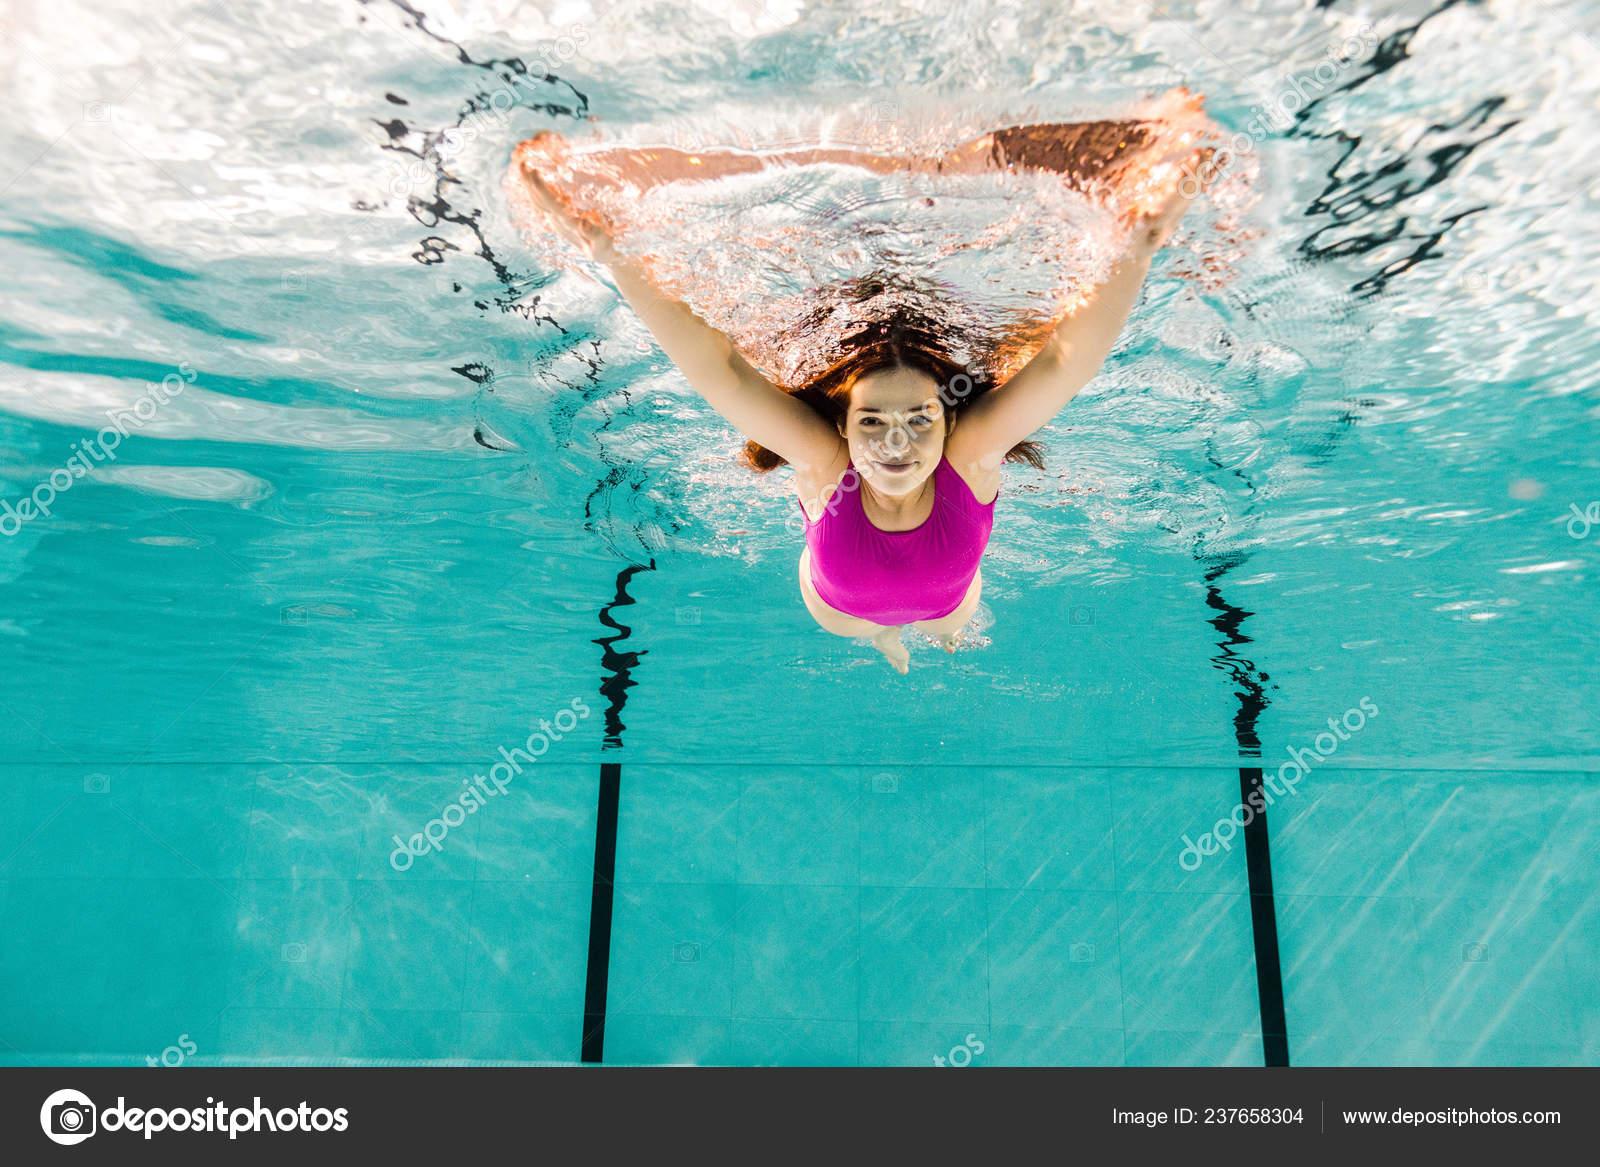 d9000681a04ee6 Vrouw Duiken Blauw Water Zwembad — Stockfoto © VitalikRadko #237658304